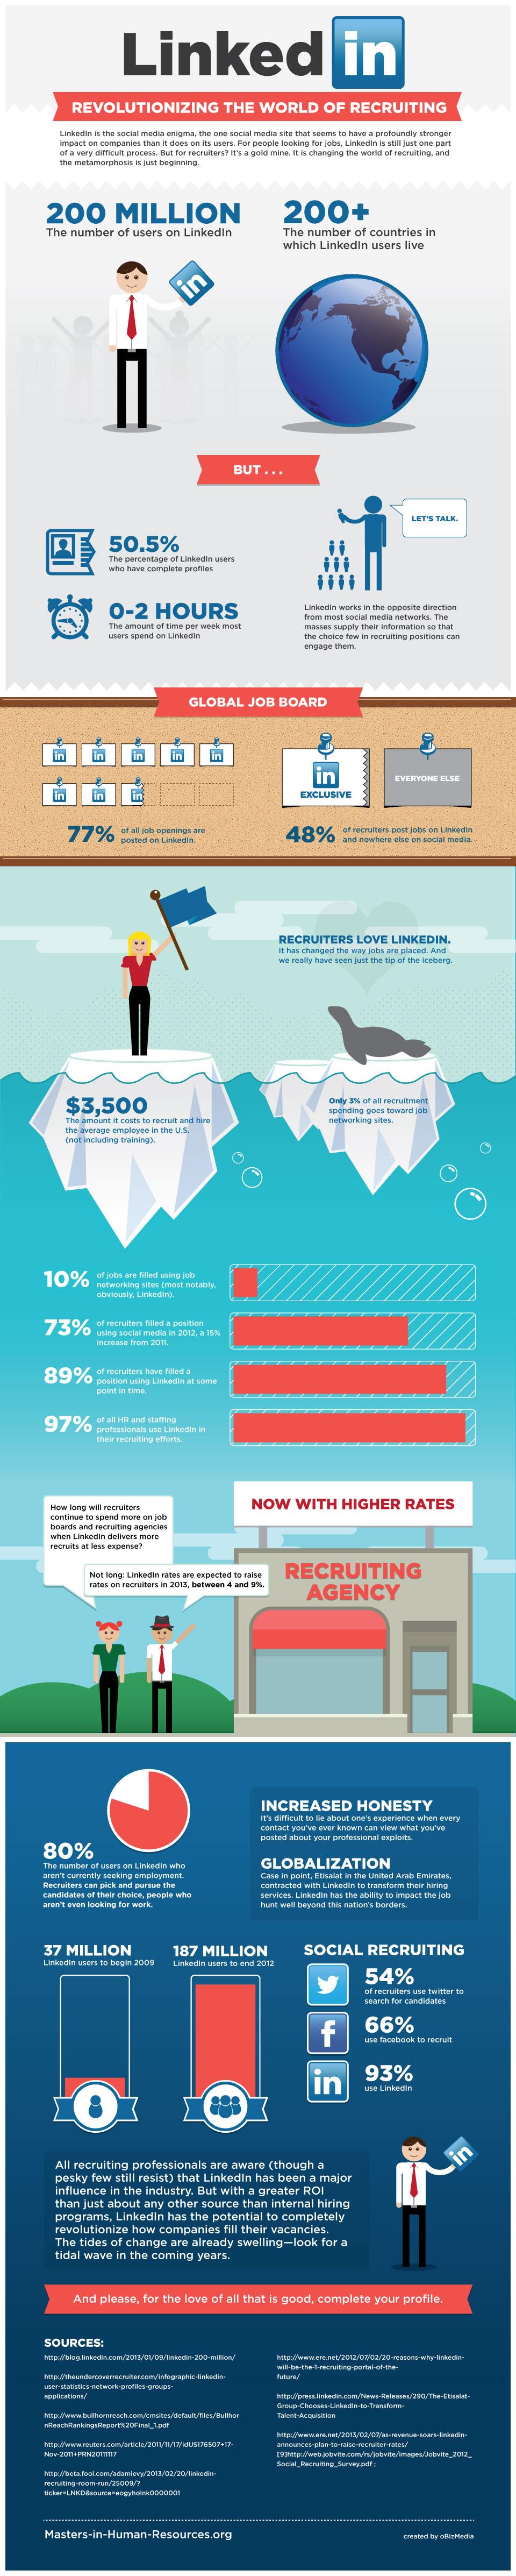 77 procent van de vacatures staat op linkedin - infographic masters in human resources